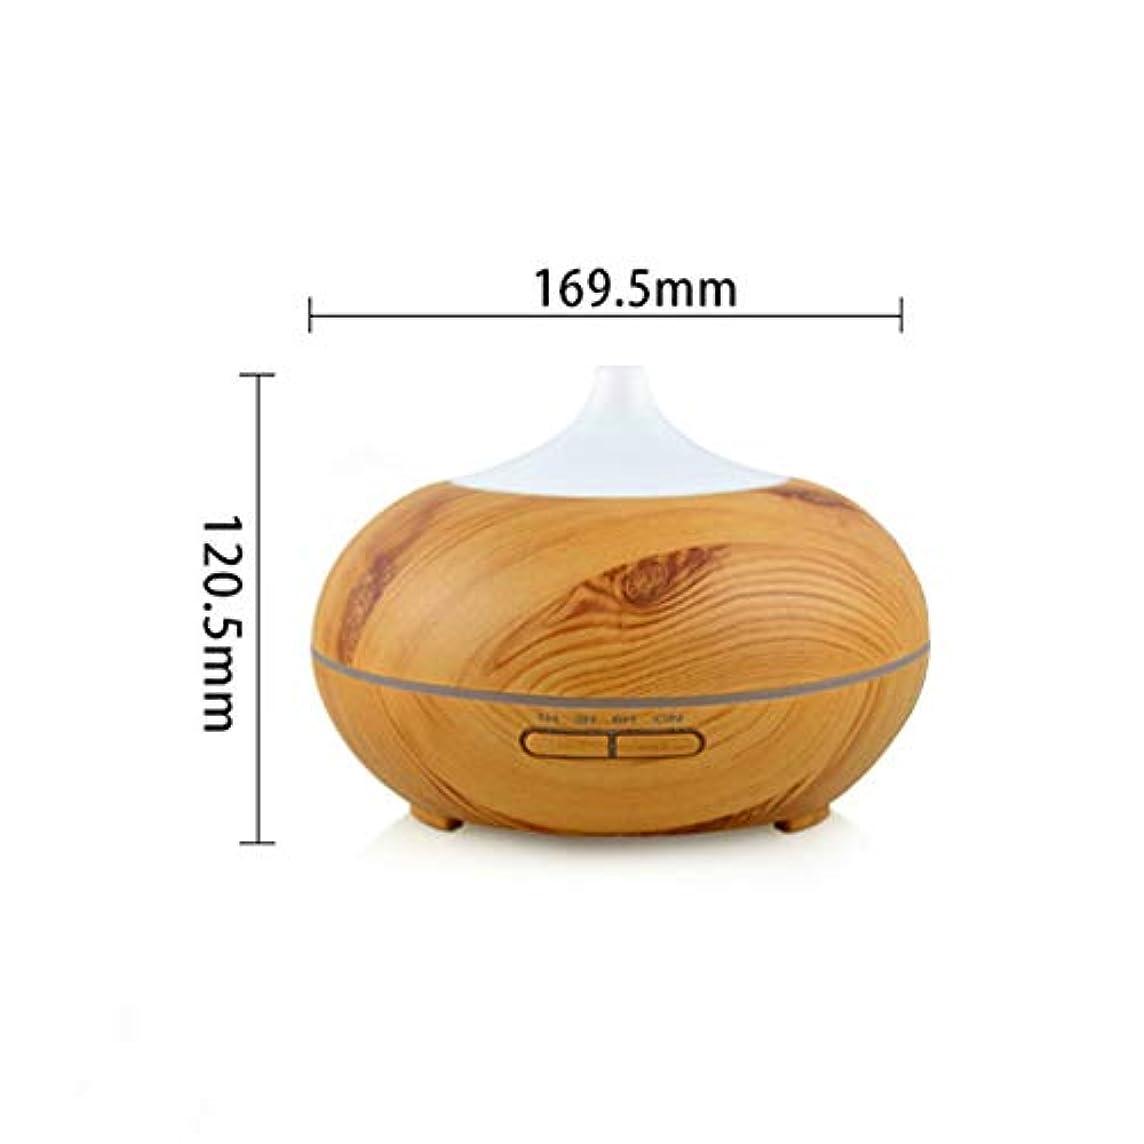 締める無能受信木目 涼しい霧 加湿器,7 色 空気を浄化 加湿機 時間 手動 Wifiアプリコントロール 精油 ディフューザー アロマネブライザー Yoga- 300ml